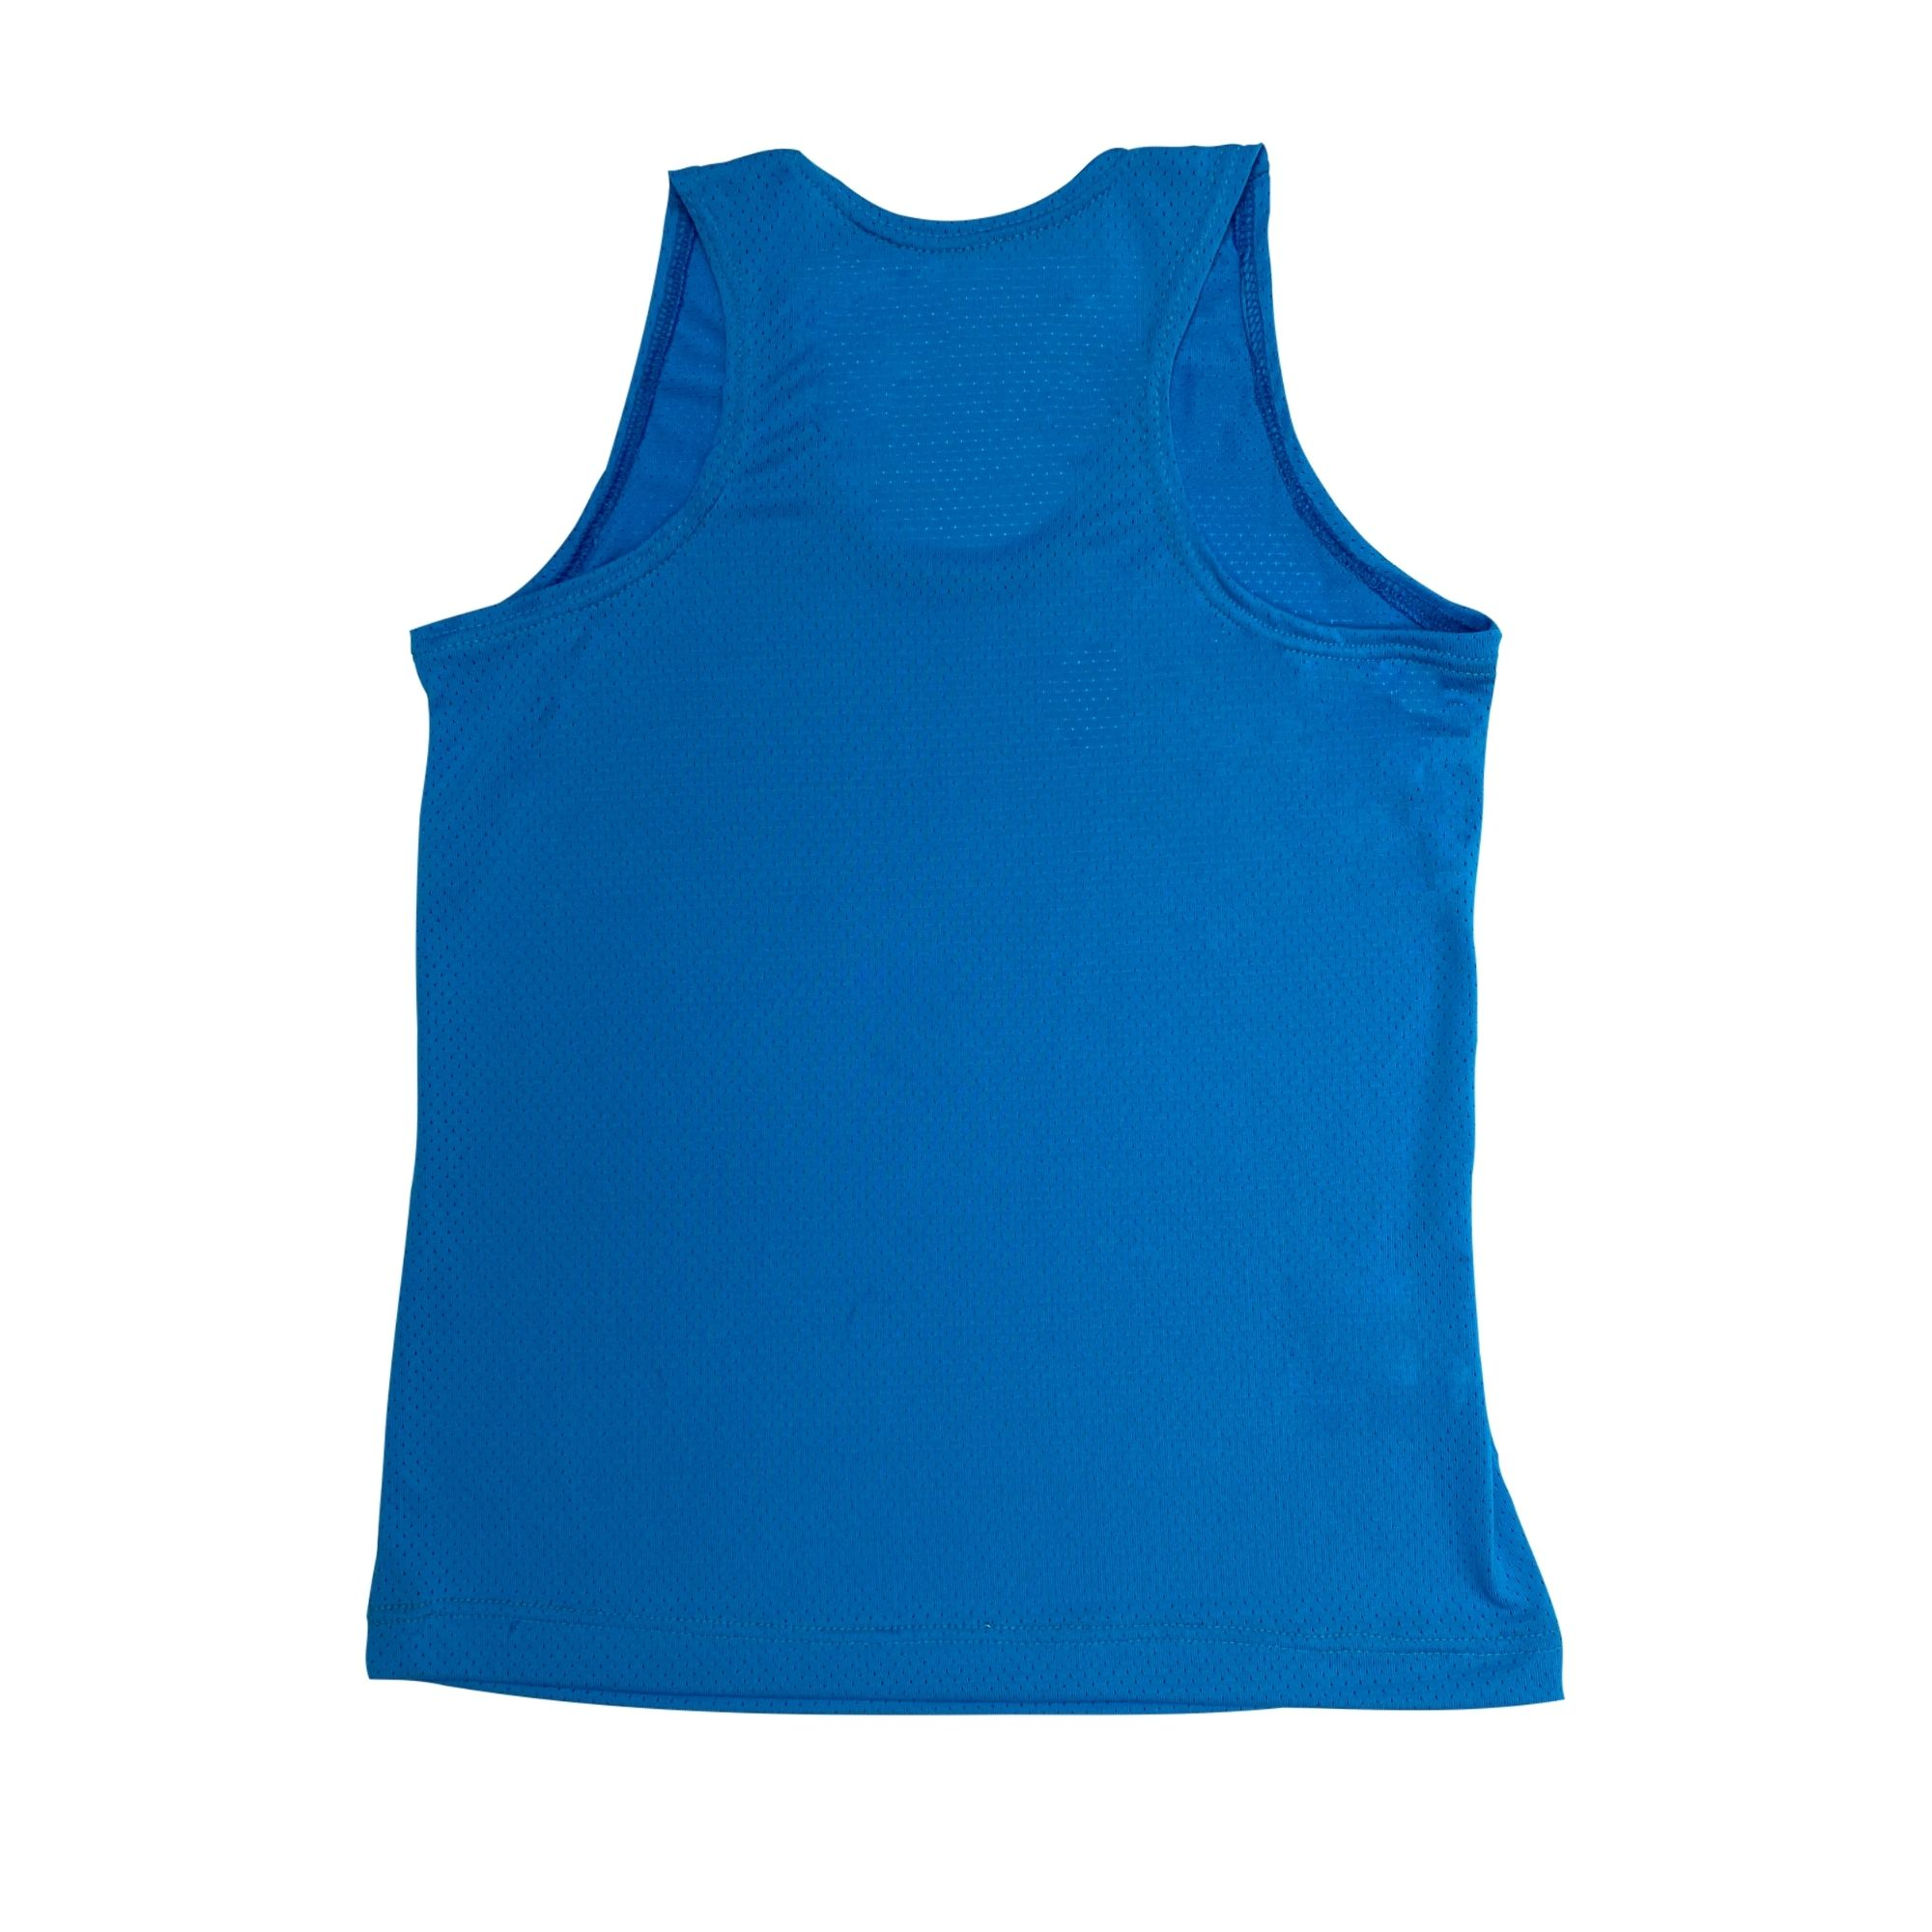 Regata Infantil Dry Fit Azul Neon